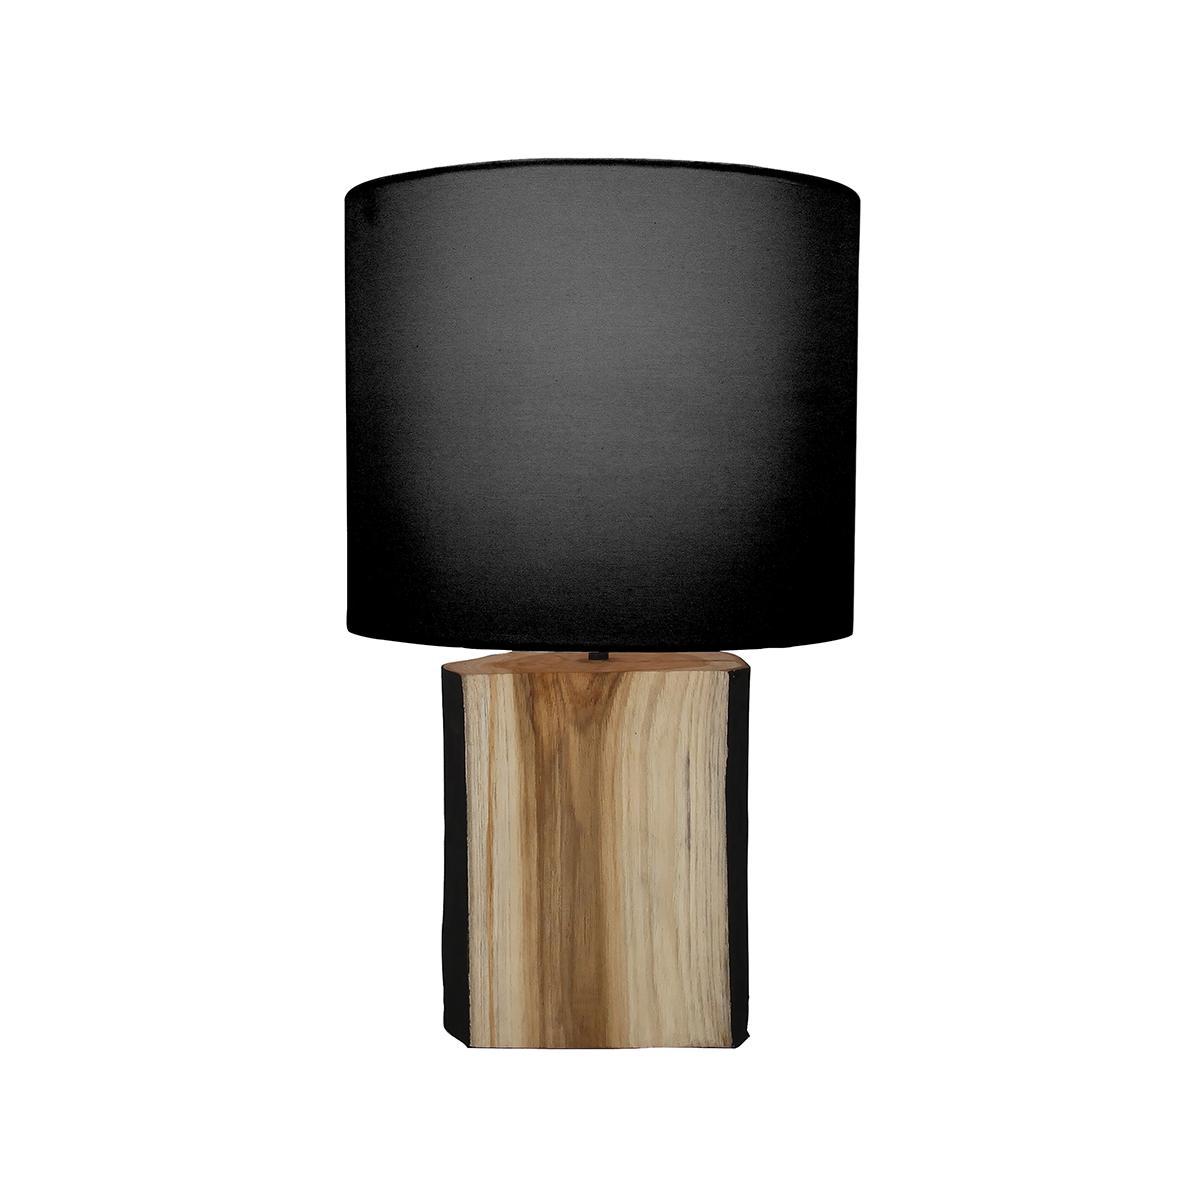 Lampe à poser en bois de suar abat-jour noir